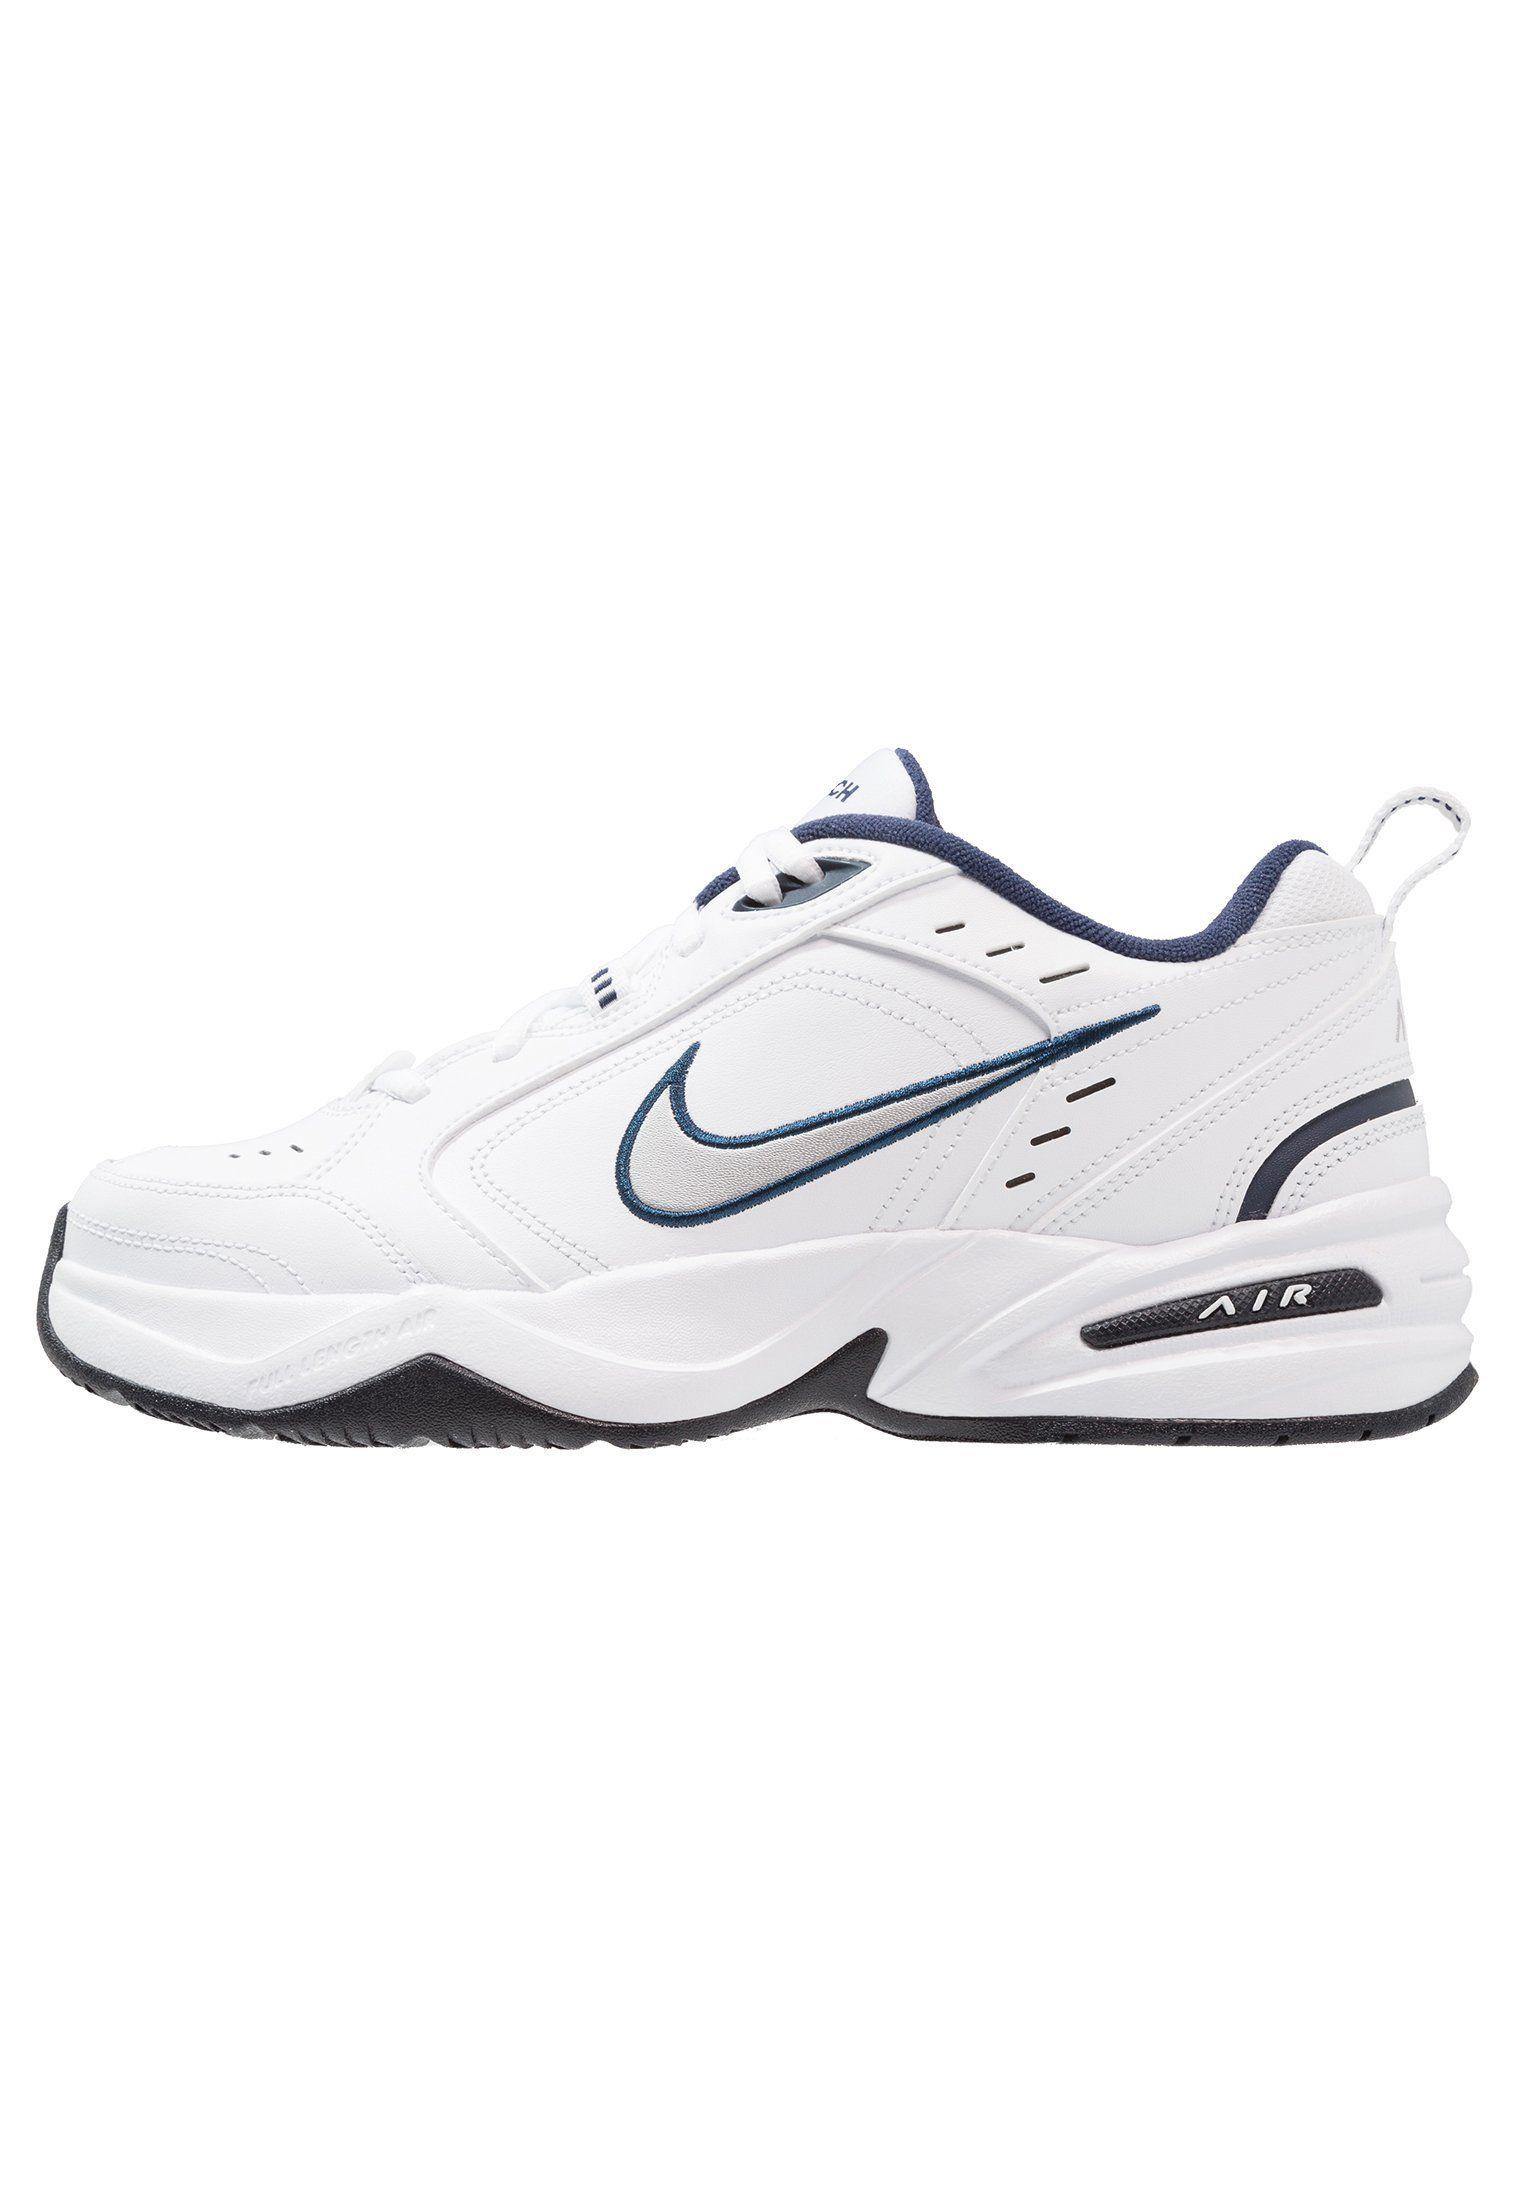 b8339b3e0bfc Nike Sportswear AIR MONARCH IV - Sneakers - white metallic silver -  Zalando.dk